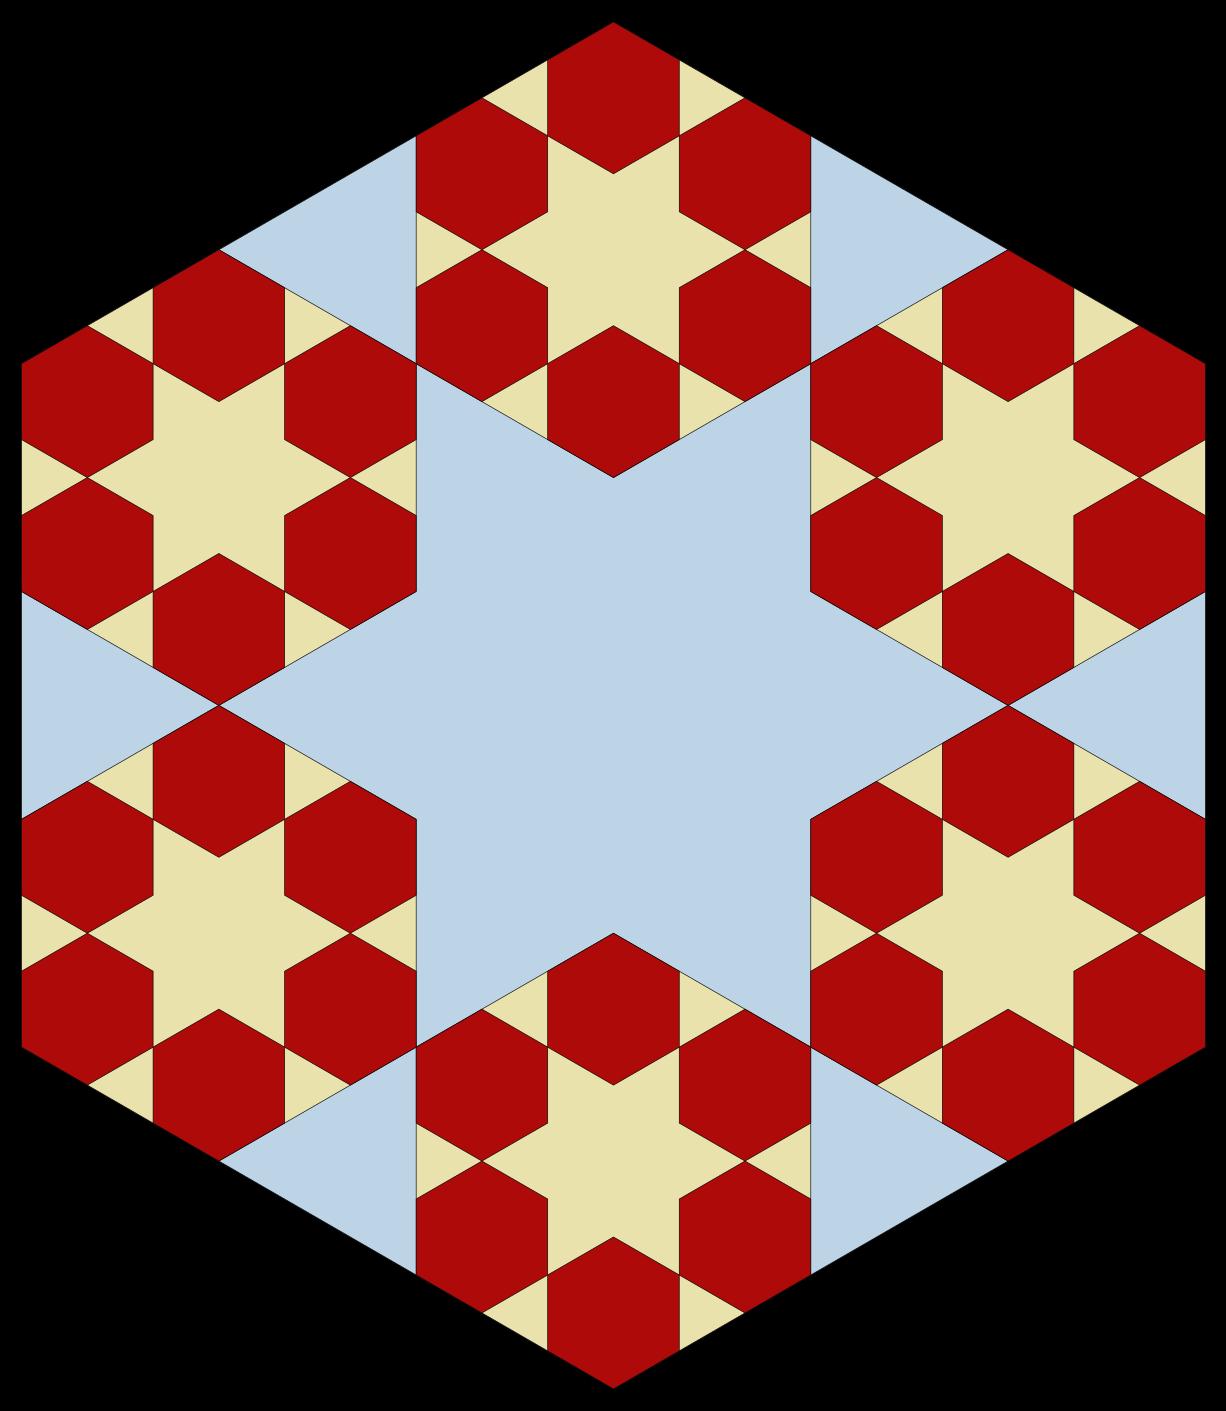 Hexagon clipart red. Github pganssle fractal plot